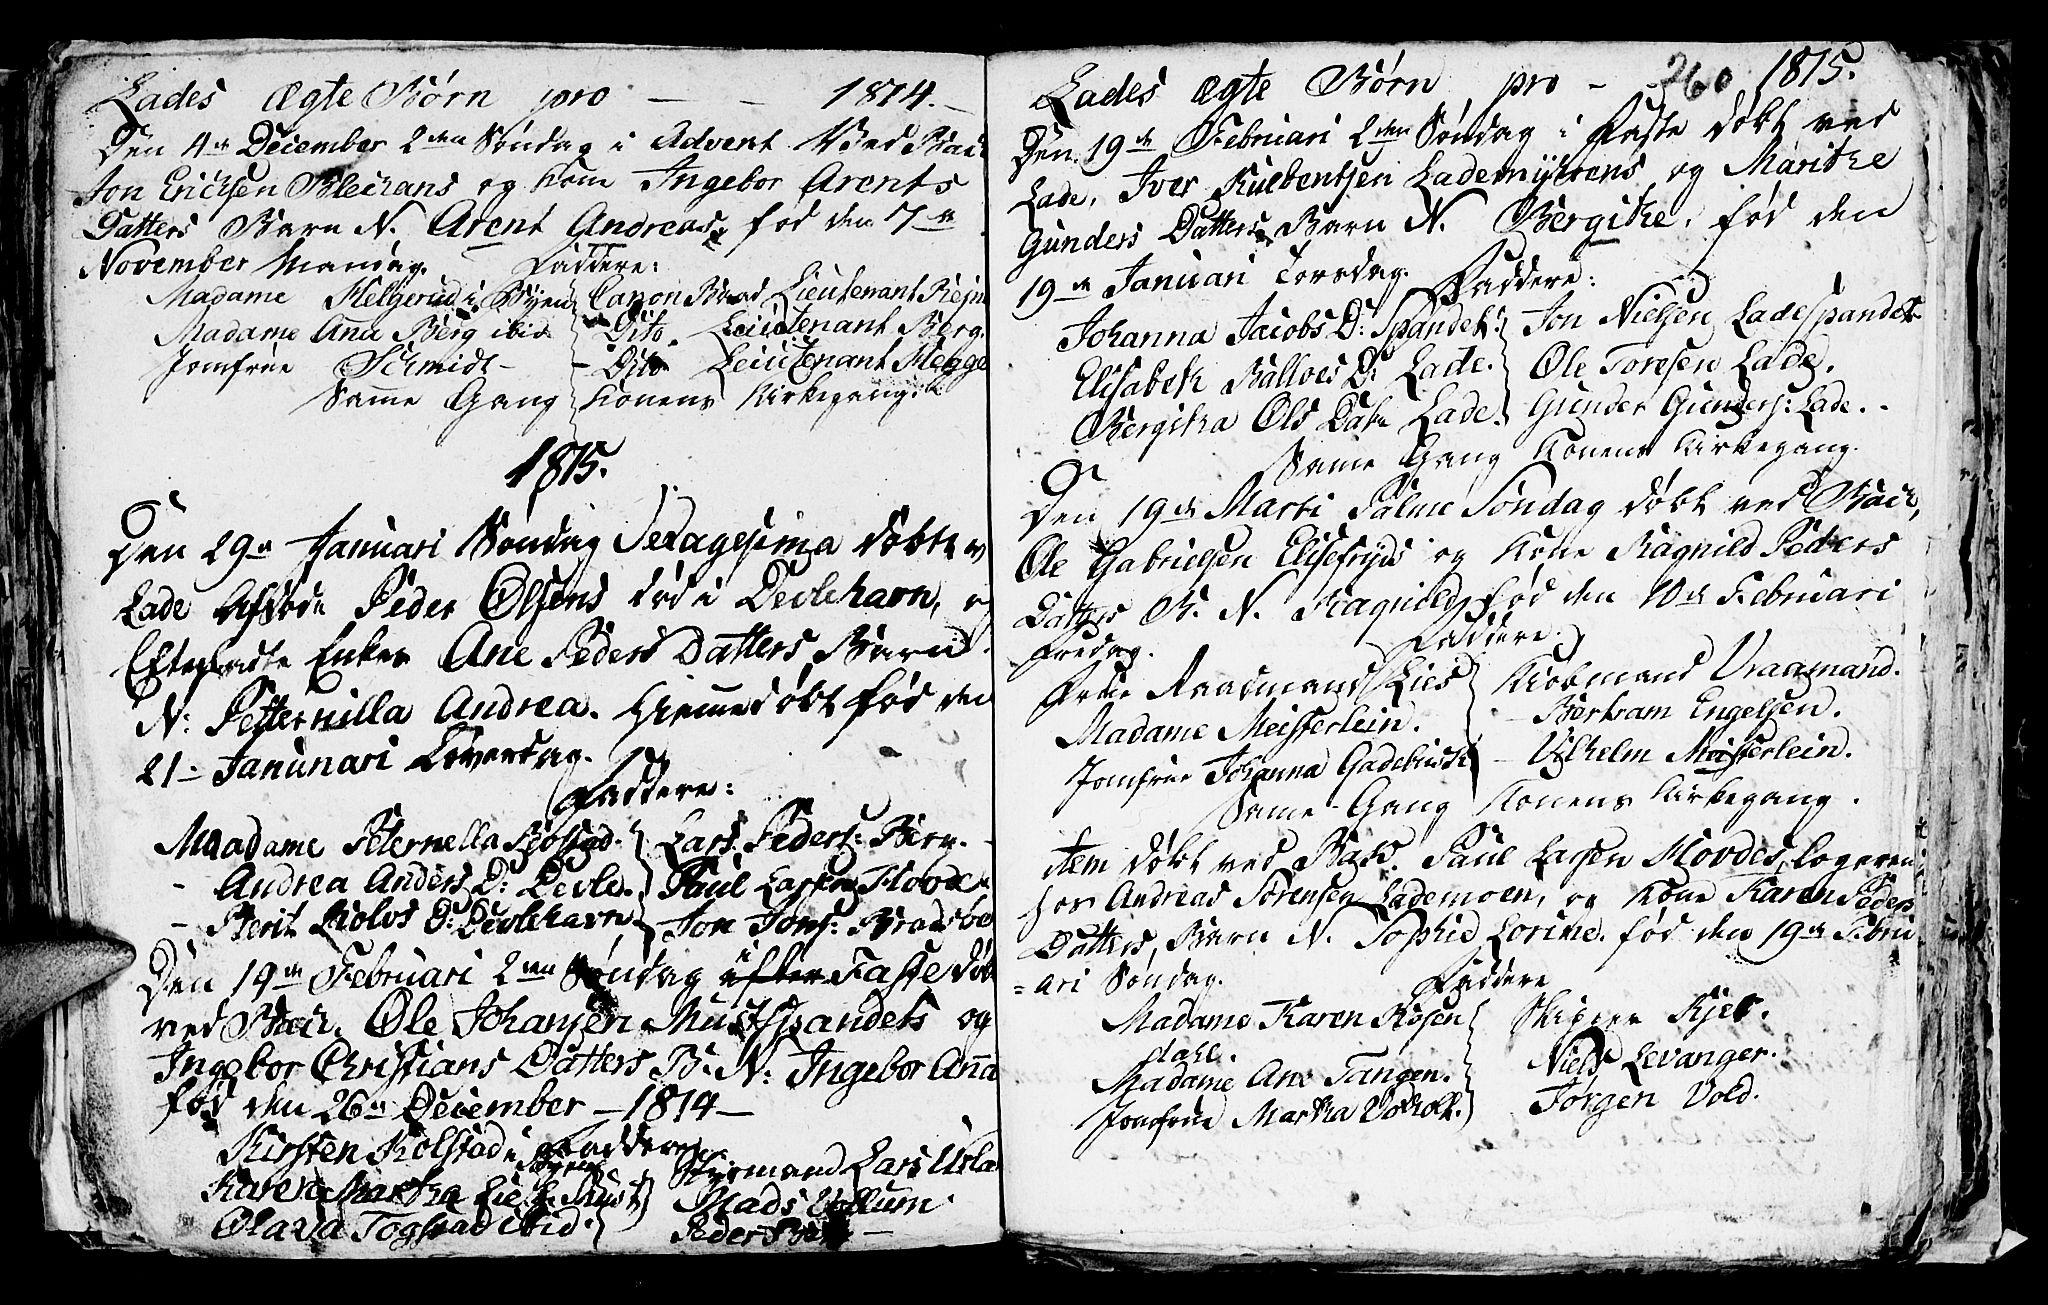 SAT, Ministerialprotokoller, klokkerbøker og fødselsregistre - Sør-Trøndelag, 606/L0305: Klokkerbok nr. 606C01, 1757-1819, s. 260